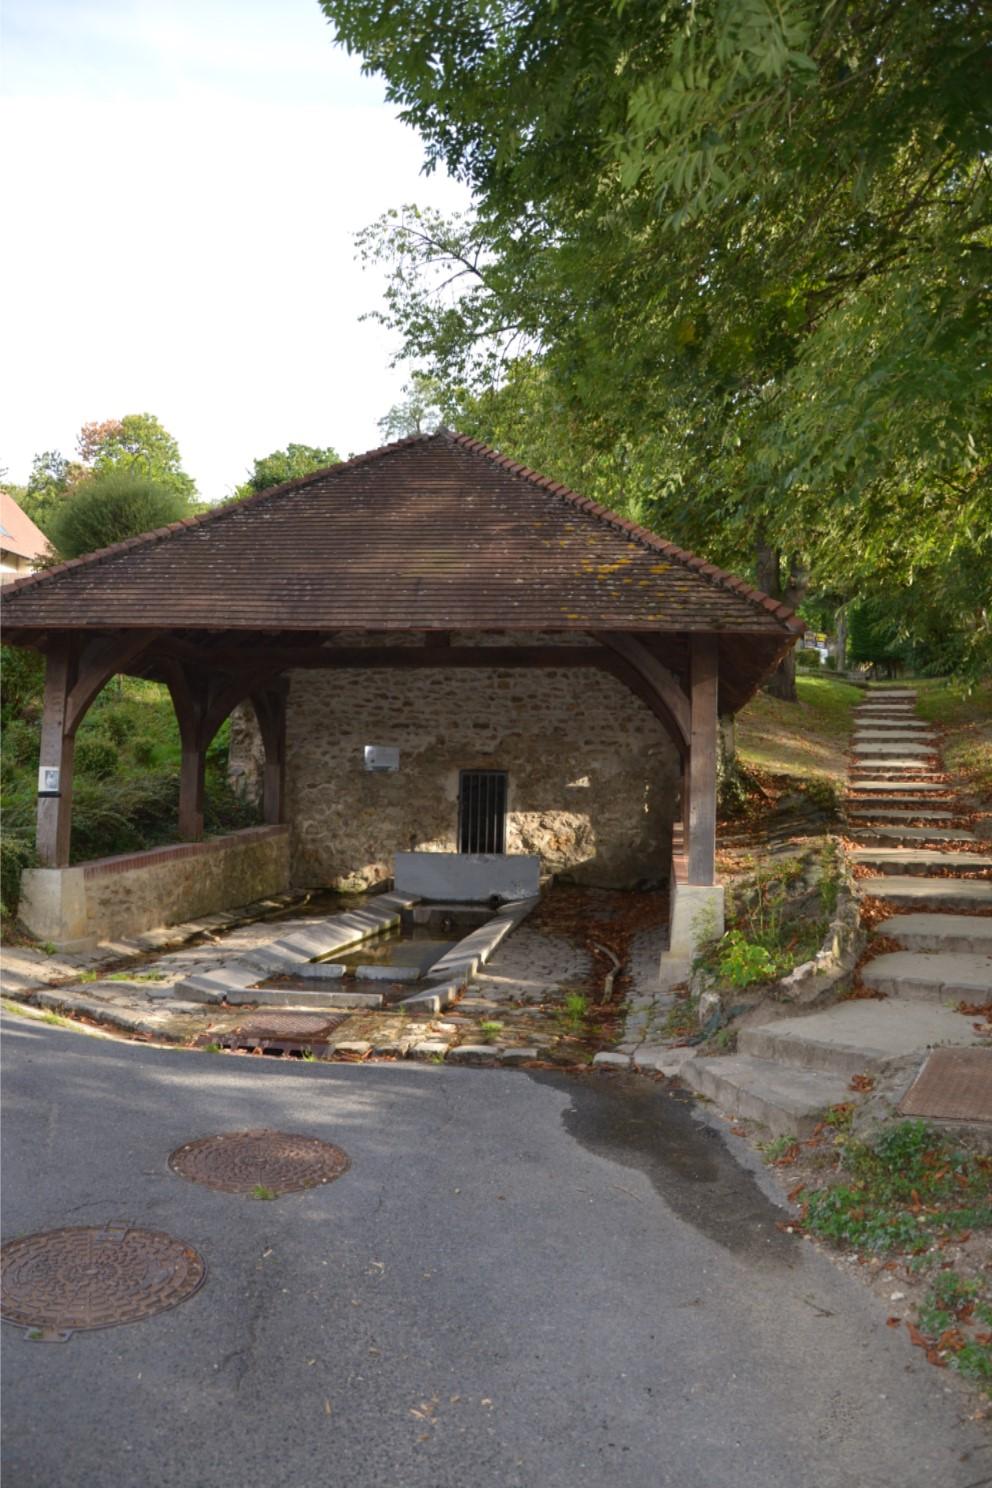 L'eauriette de Saint-Leu-la-Forêt